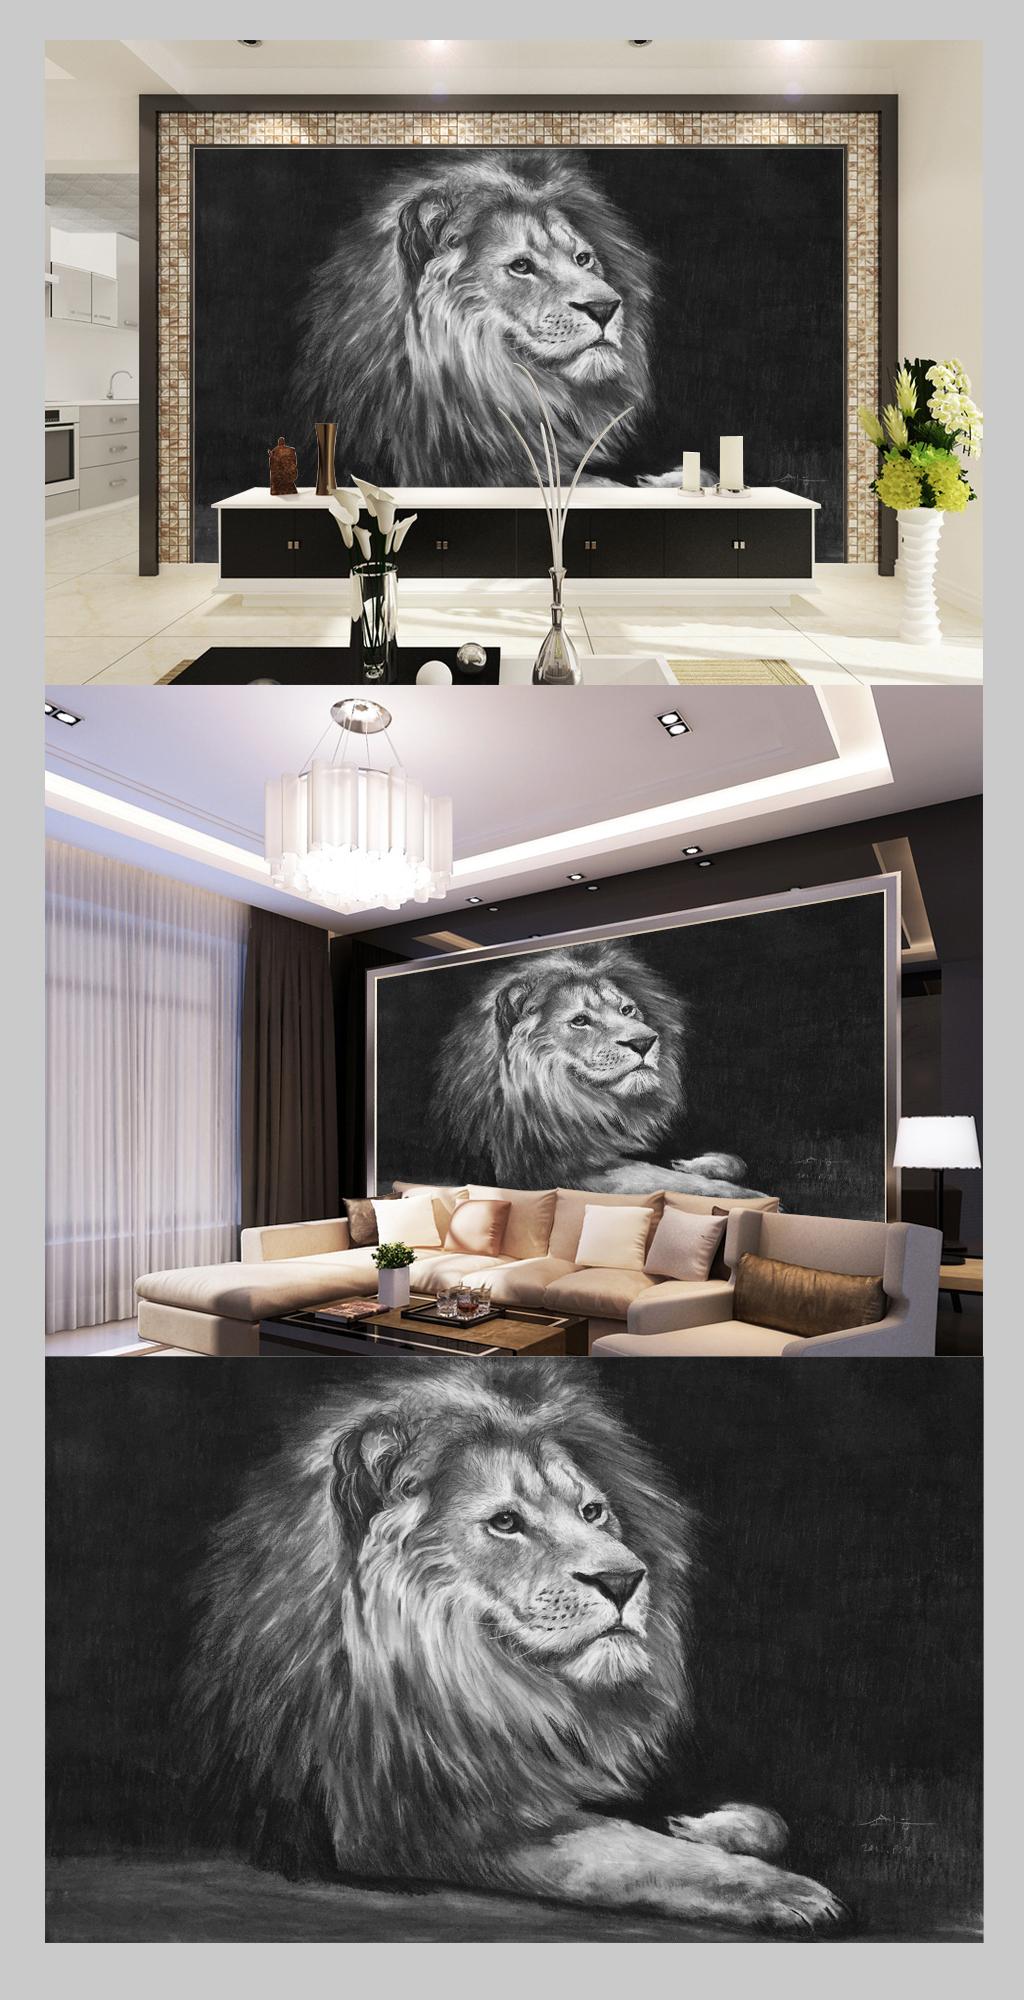 黑白手绘素描雄狮电视背景